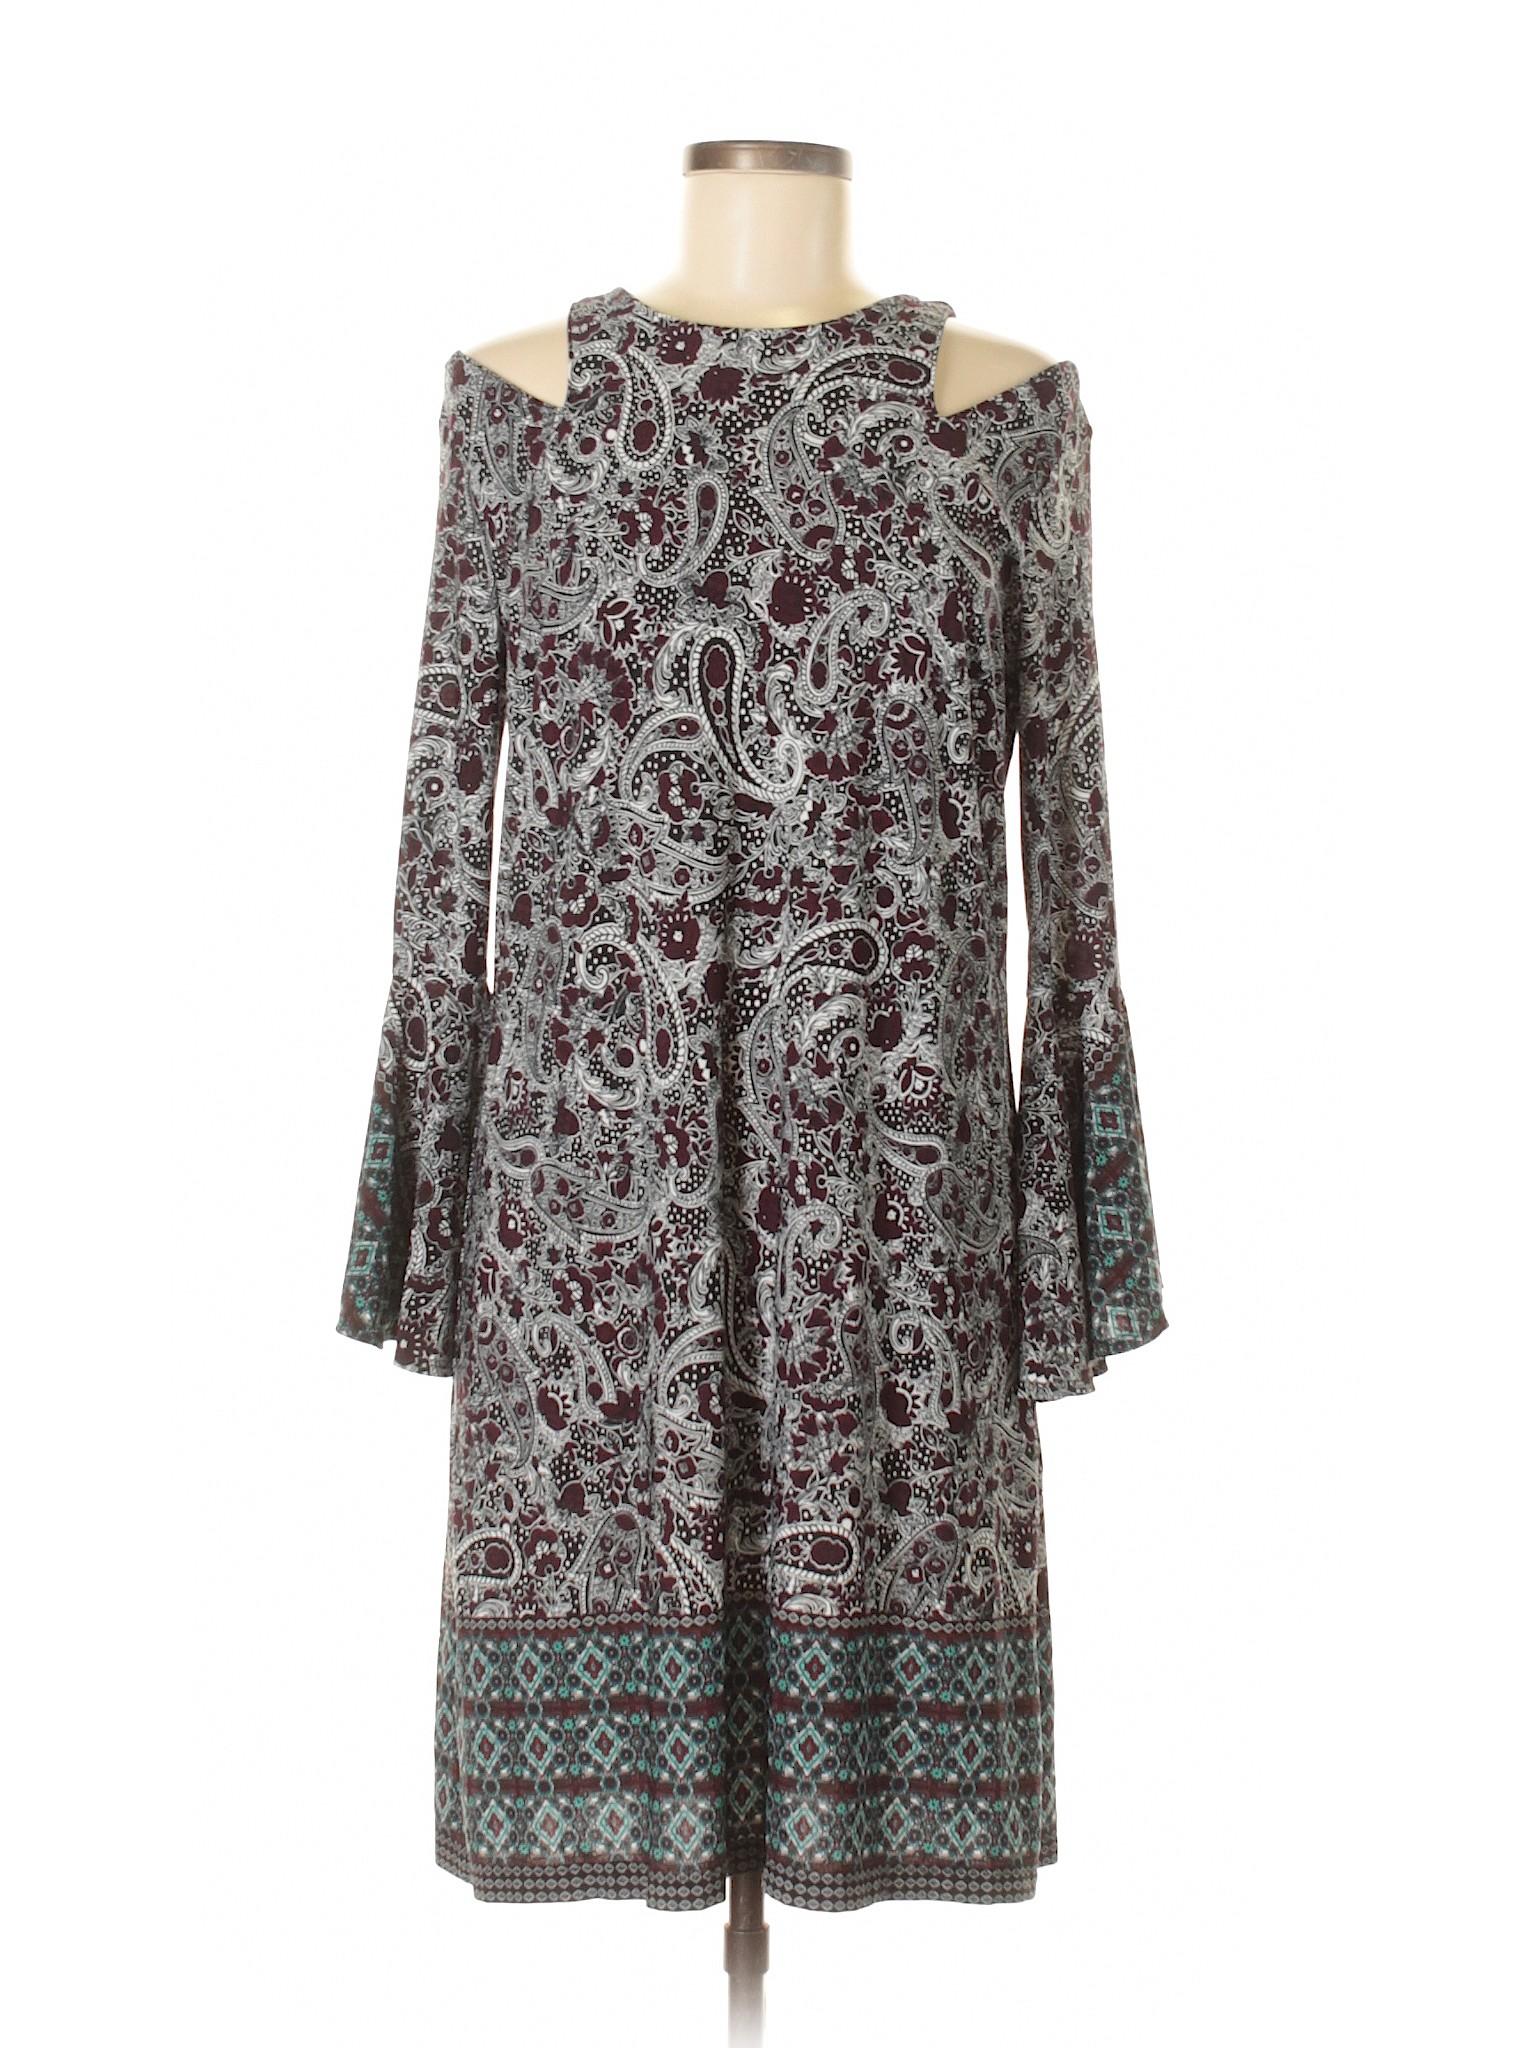 Cato Boutique Boutique winter Cato winter Casual Dress B88fFrnW